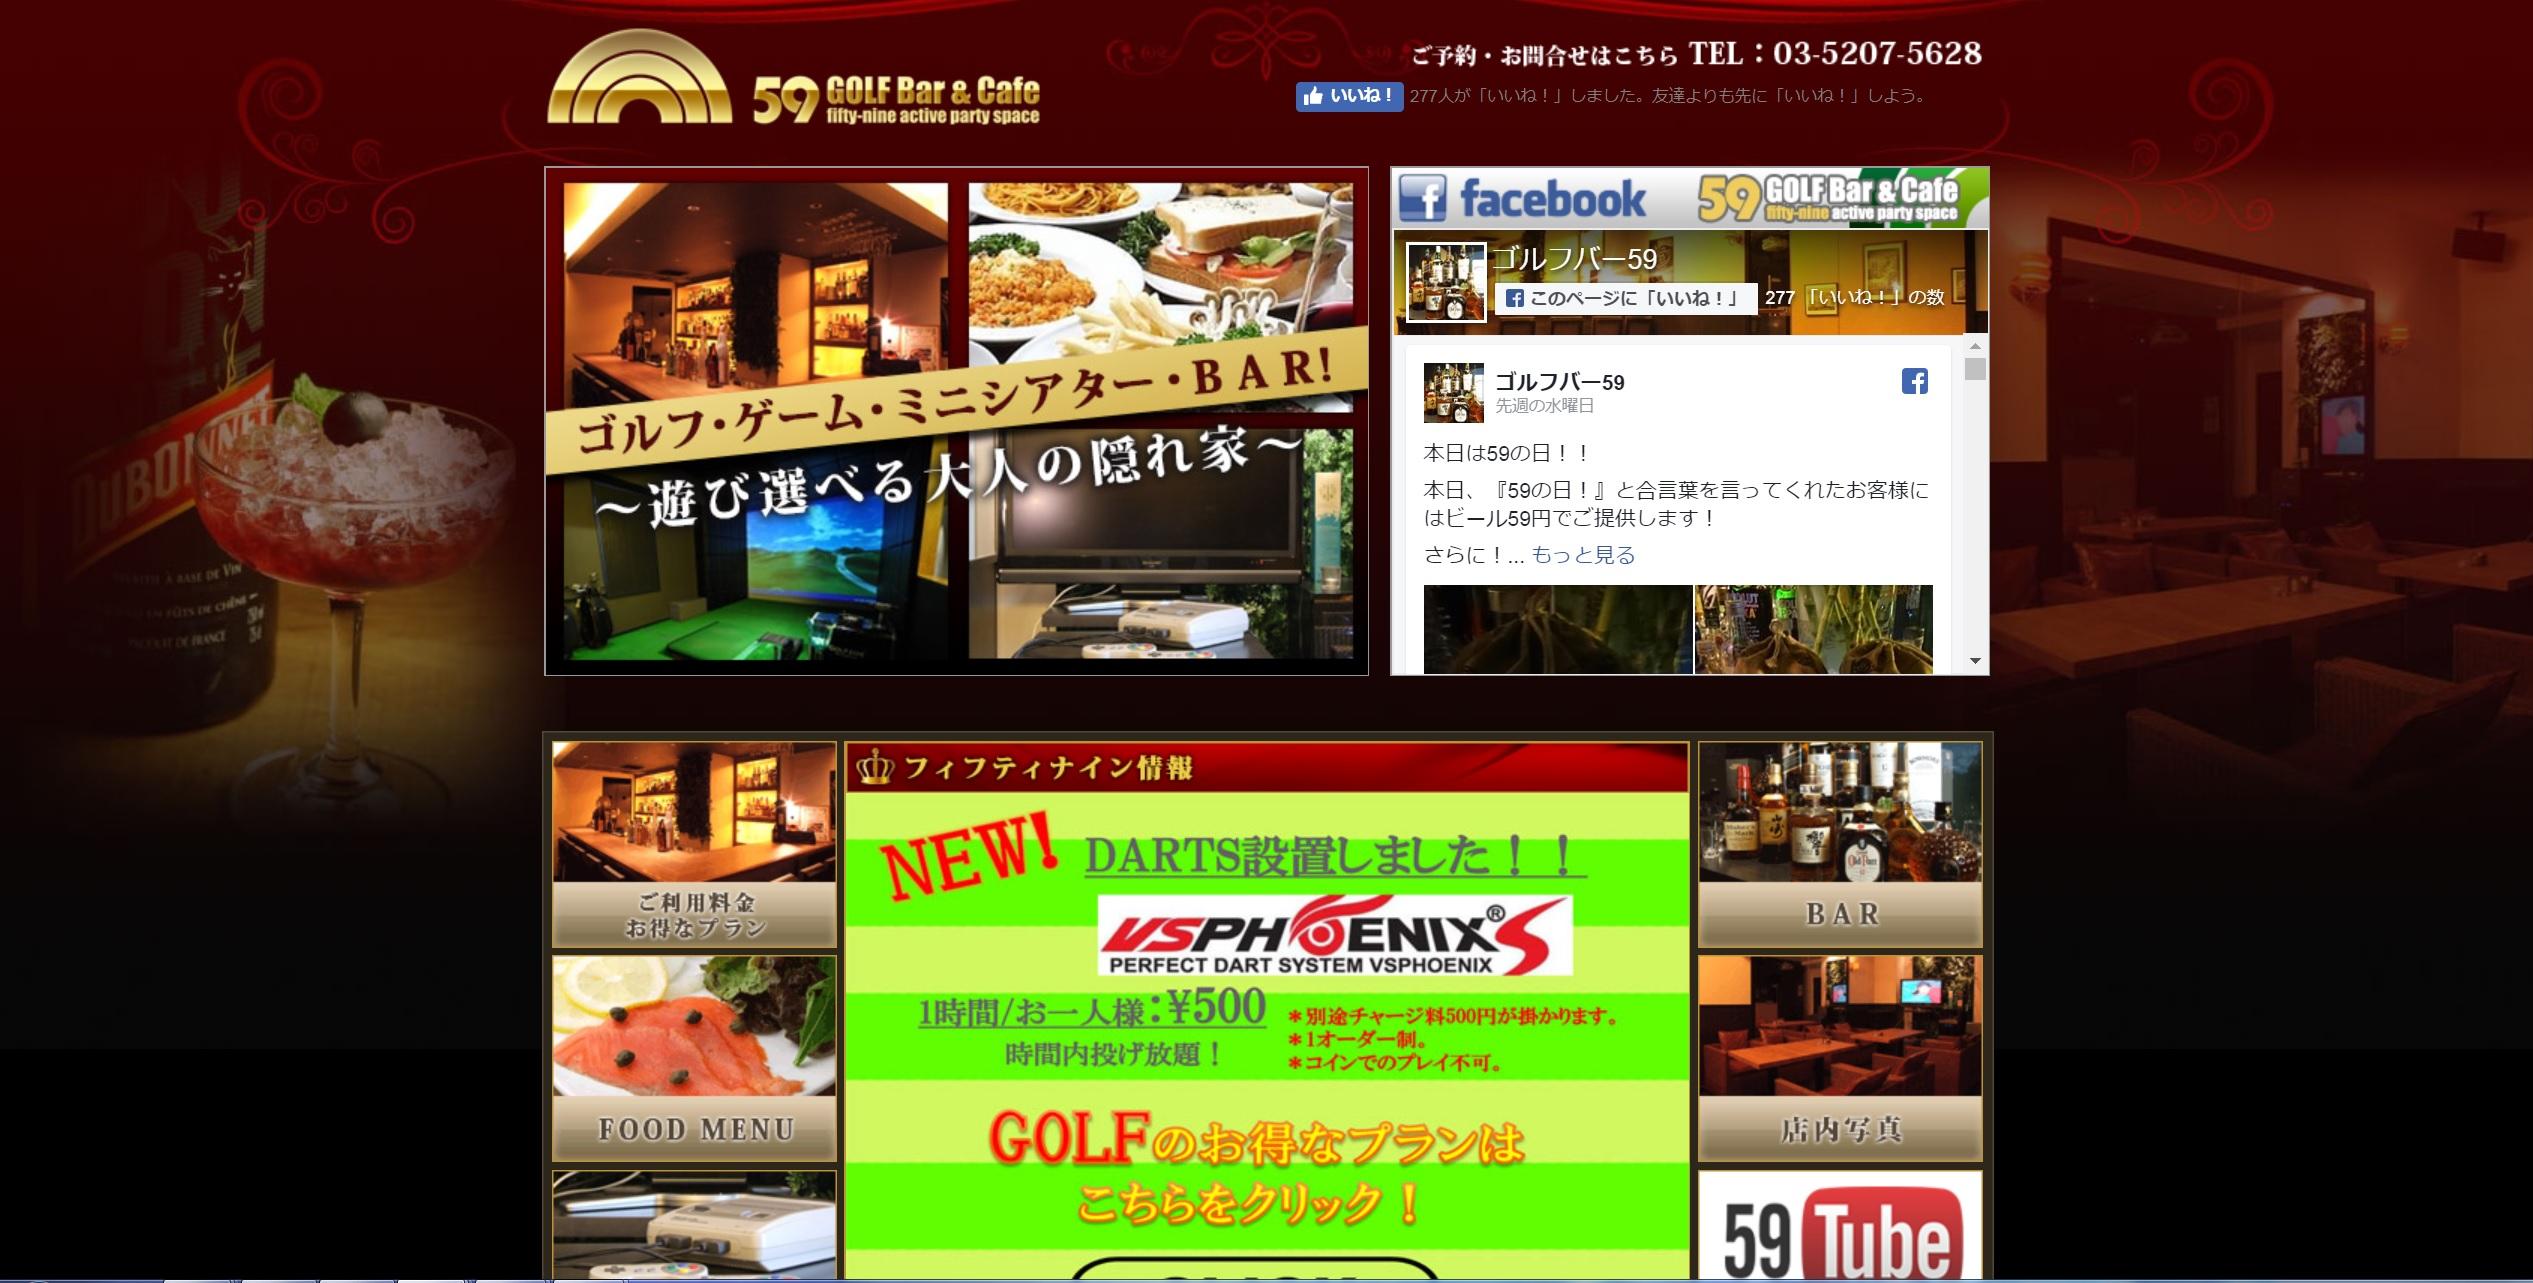 シミュレーションゴルフ 神田ゴルフバー 59